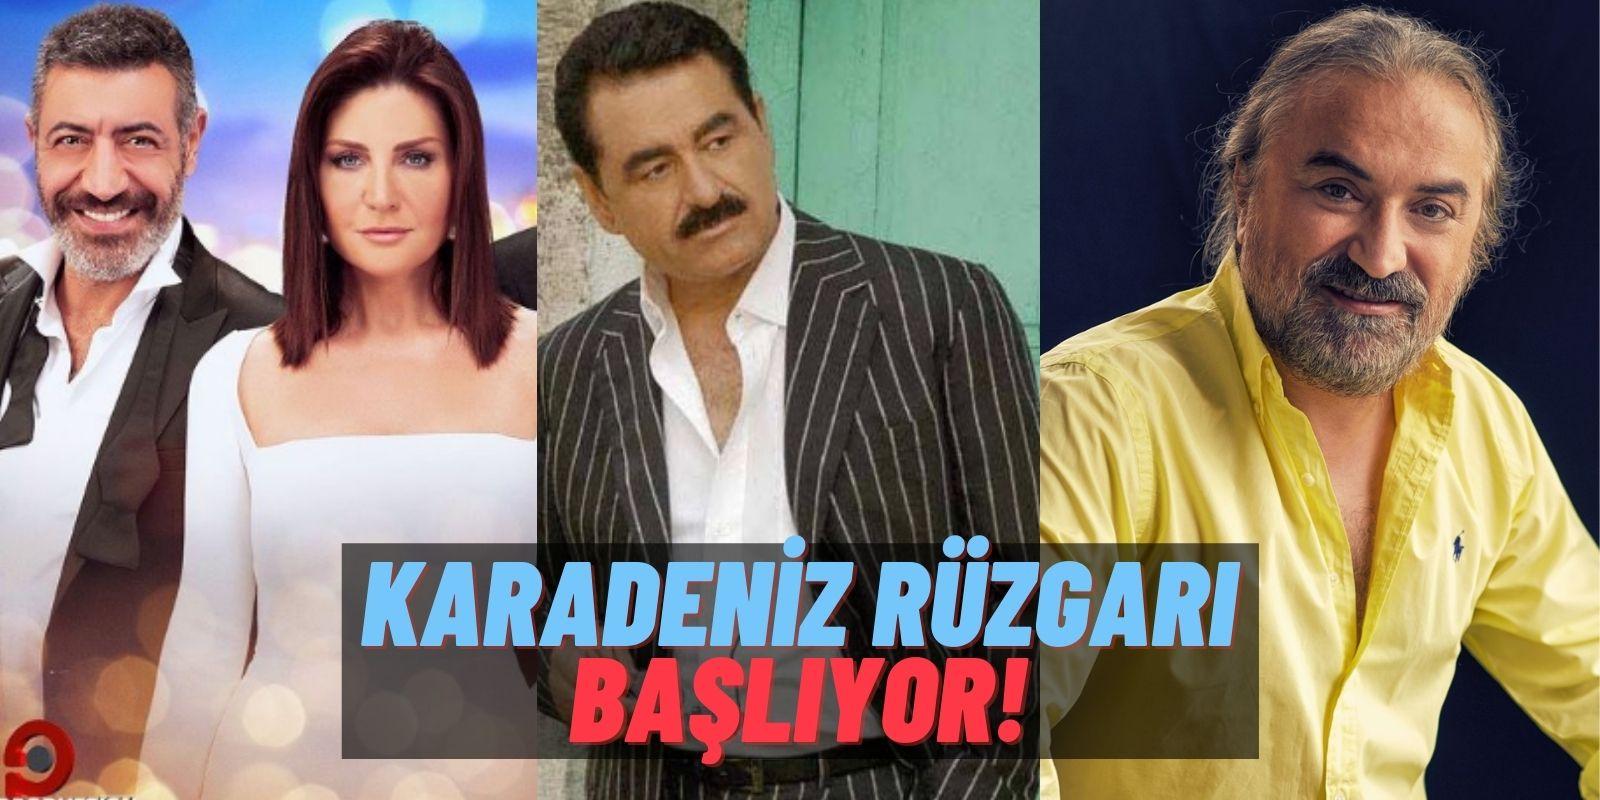 """TV Kanallarının """"Müzik"""" Furyası Devam Ediyor: İbrahim Tatlıses, Hakan Altun ve Sibel Can'dan Sonra Volkan Konak!"""